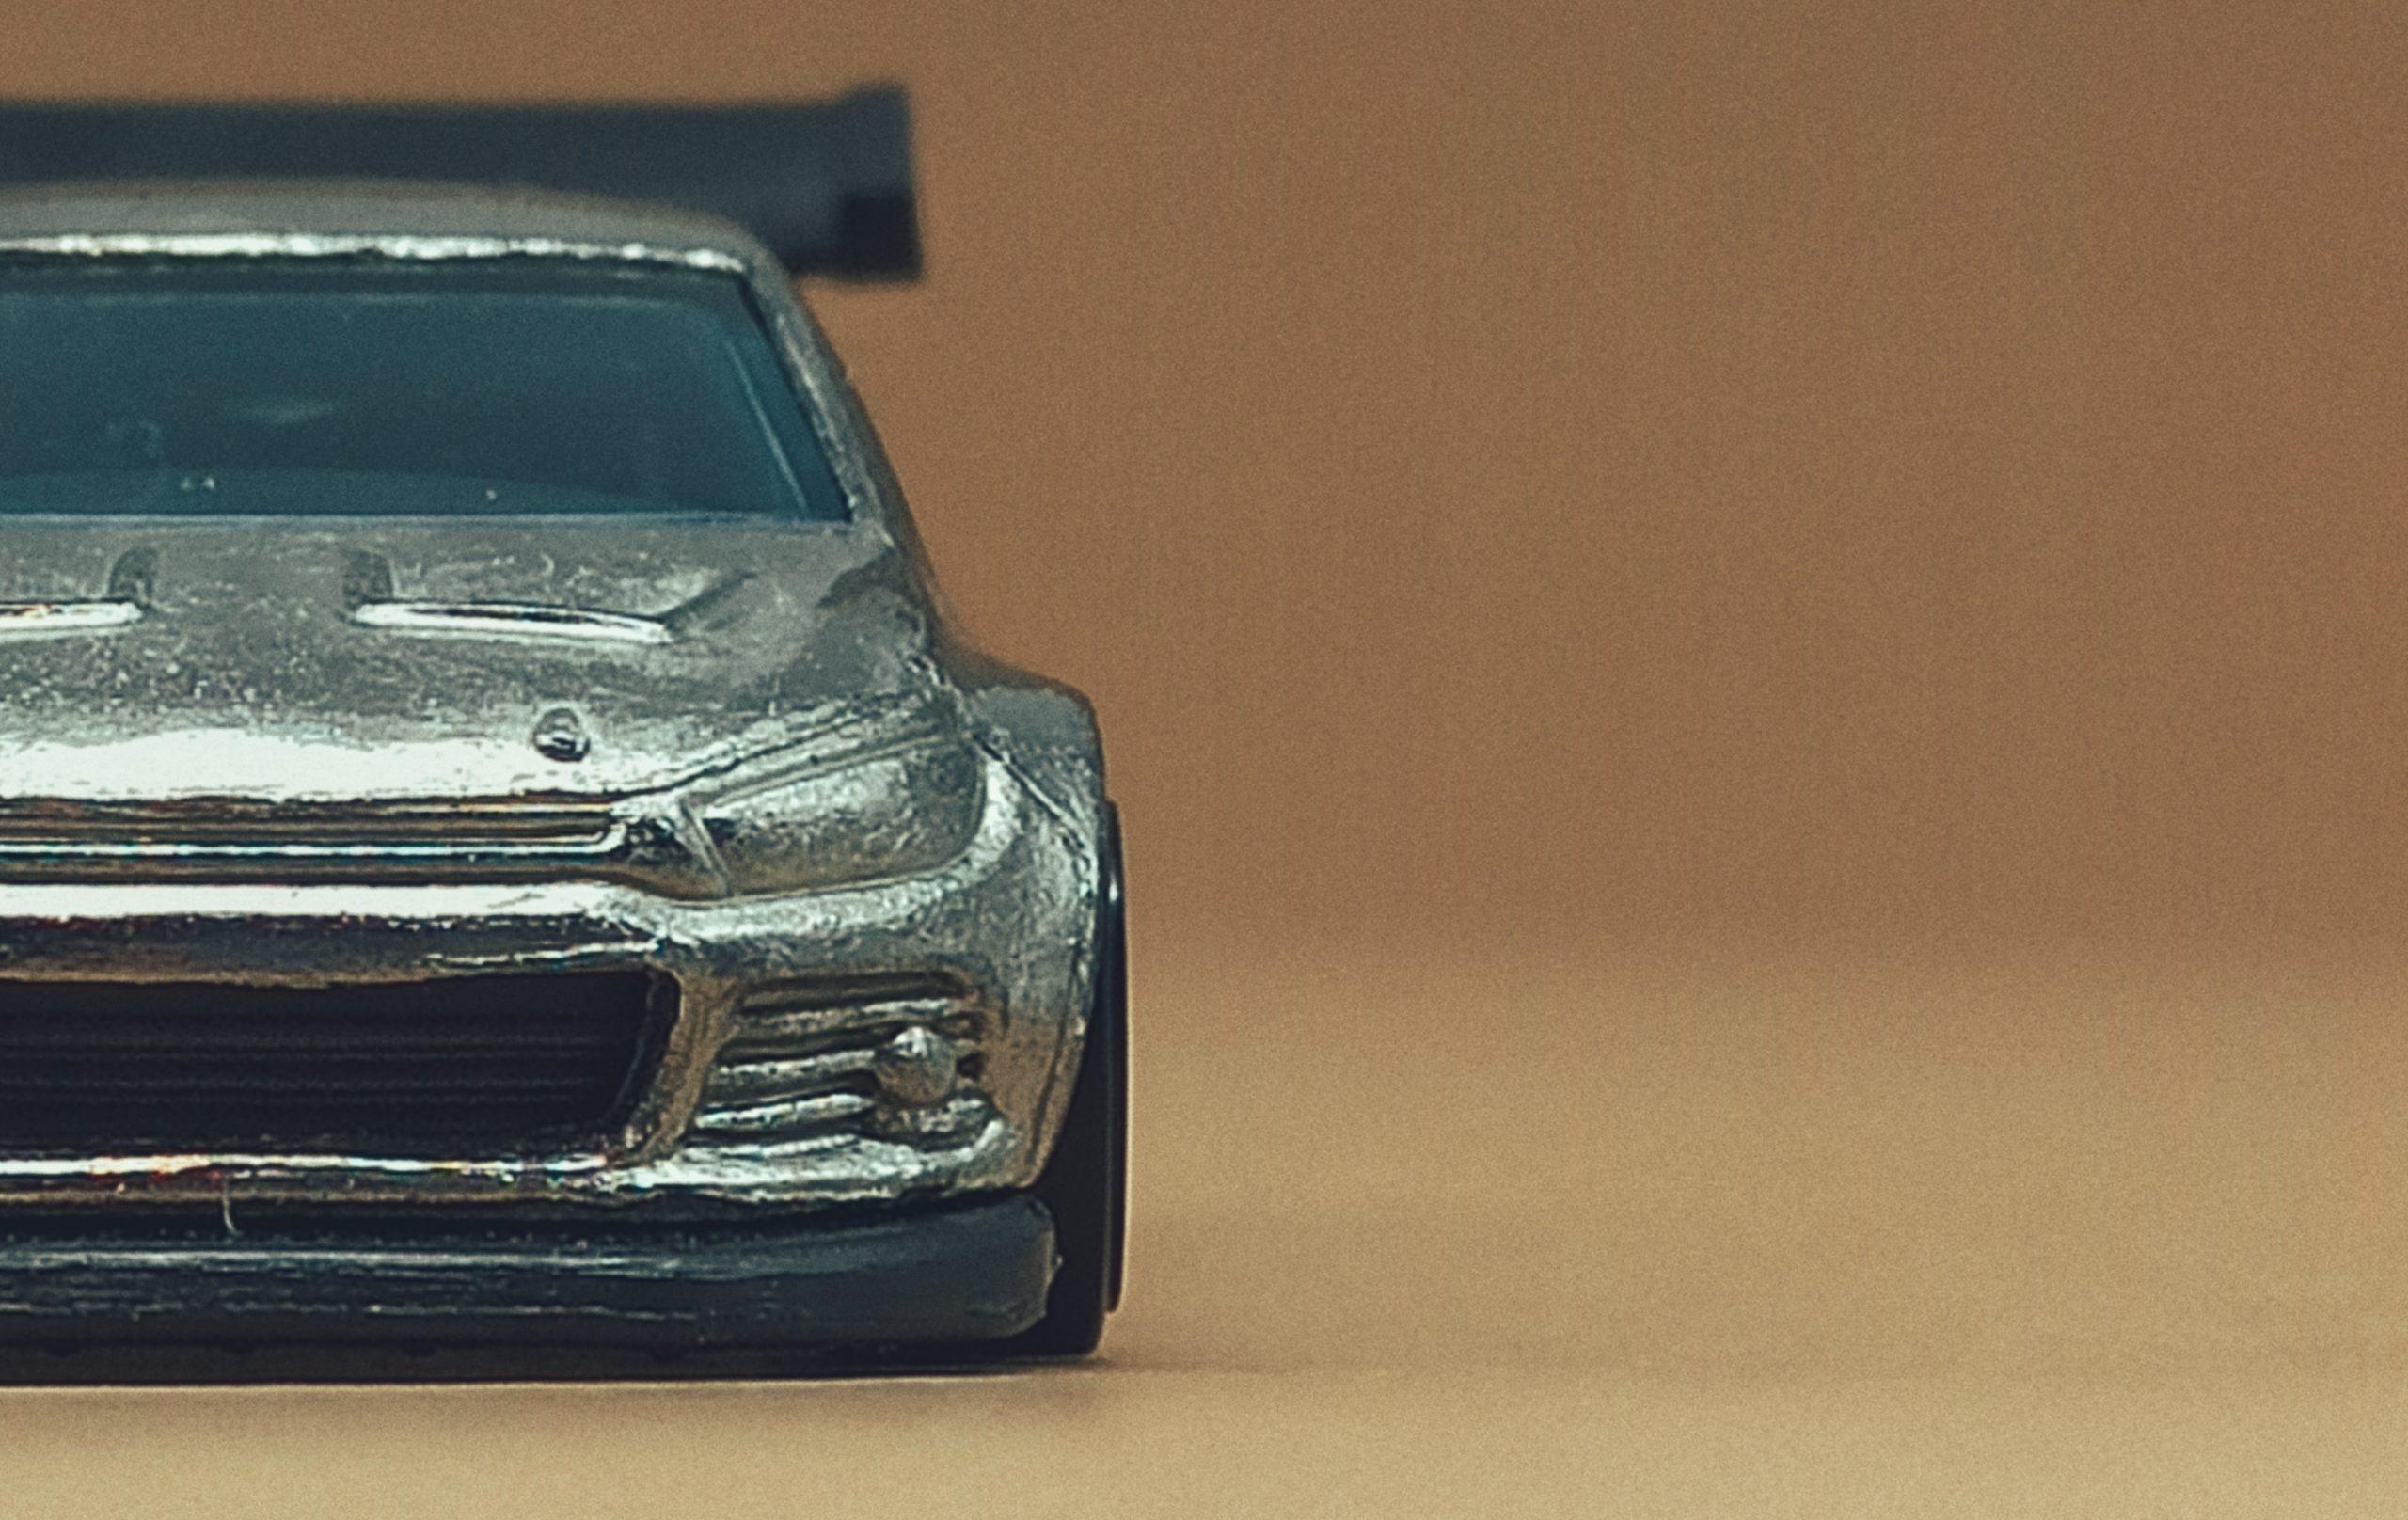 Hot Wheels Volkswagen Scirocco GT 24 (X2050) 2013 (160/250) HW Showroom: Asphalt Assault VW zamac front